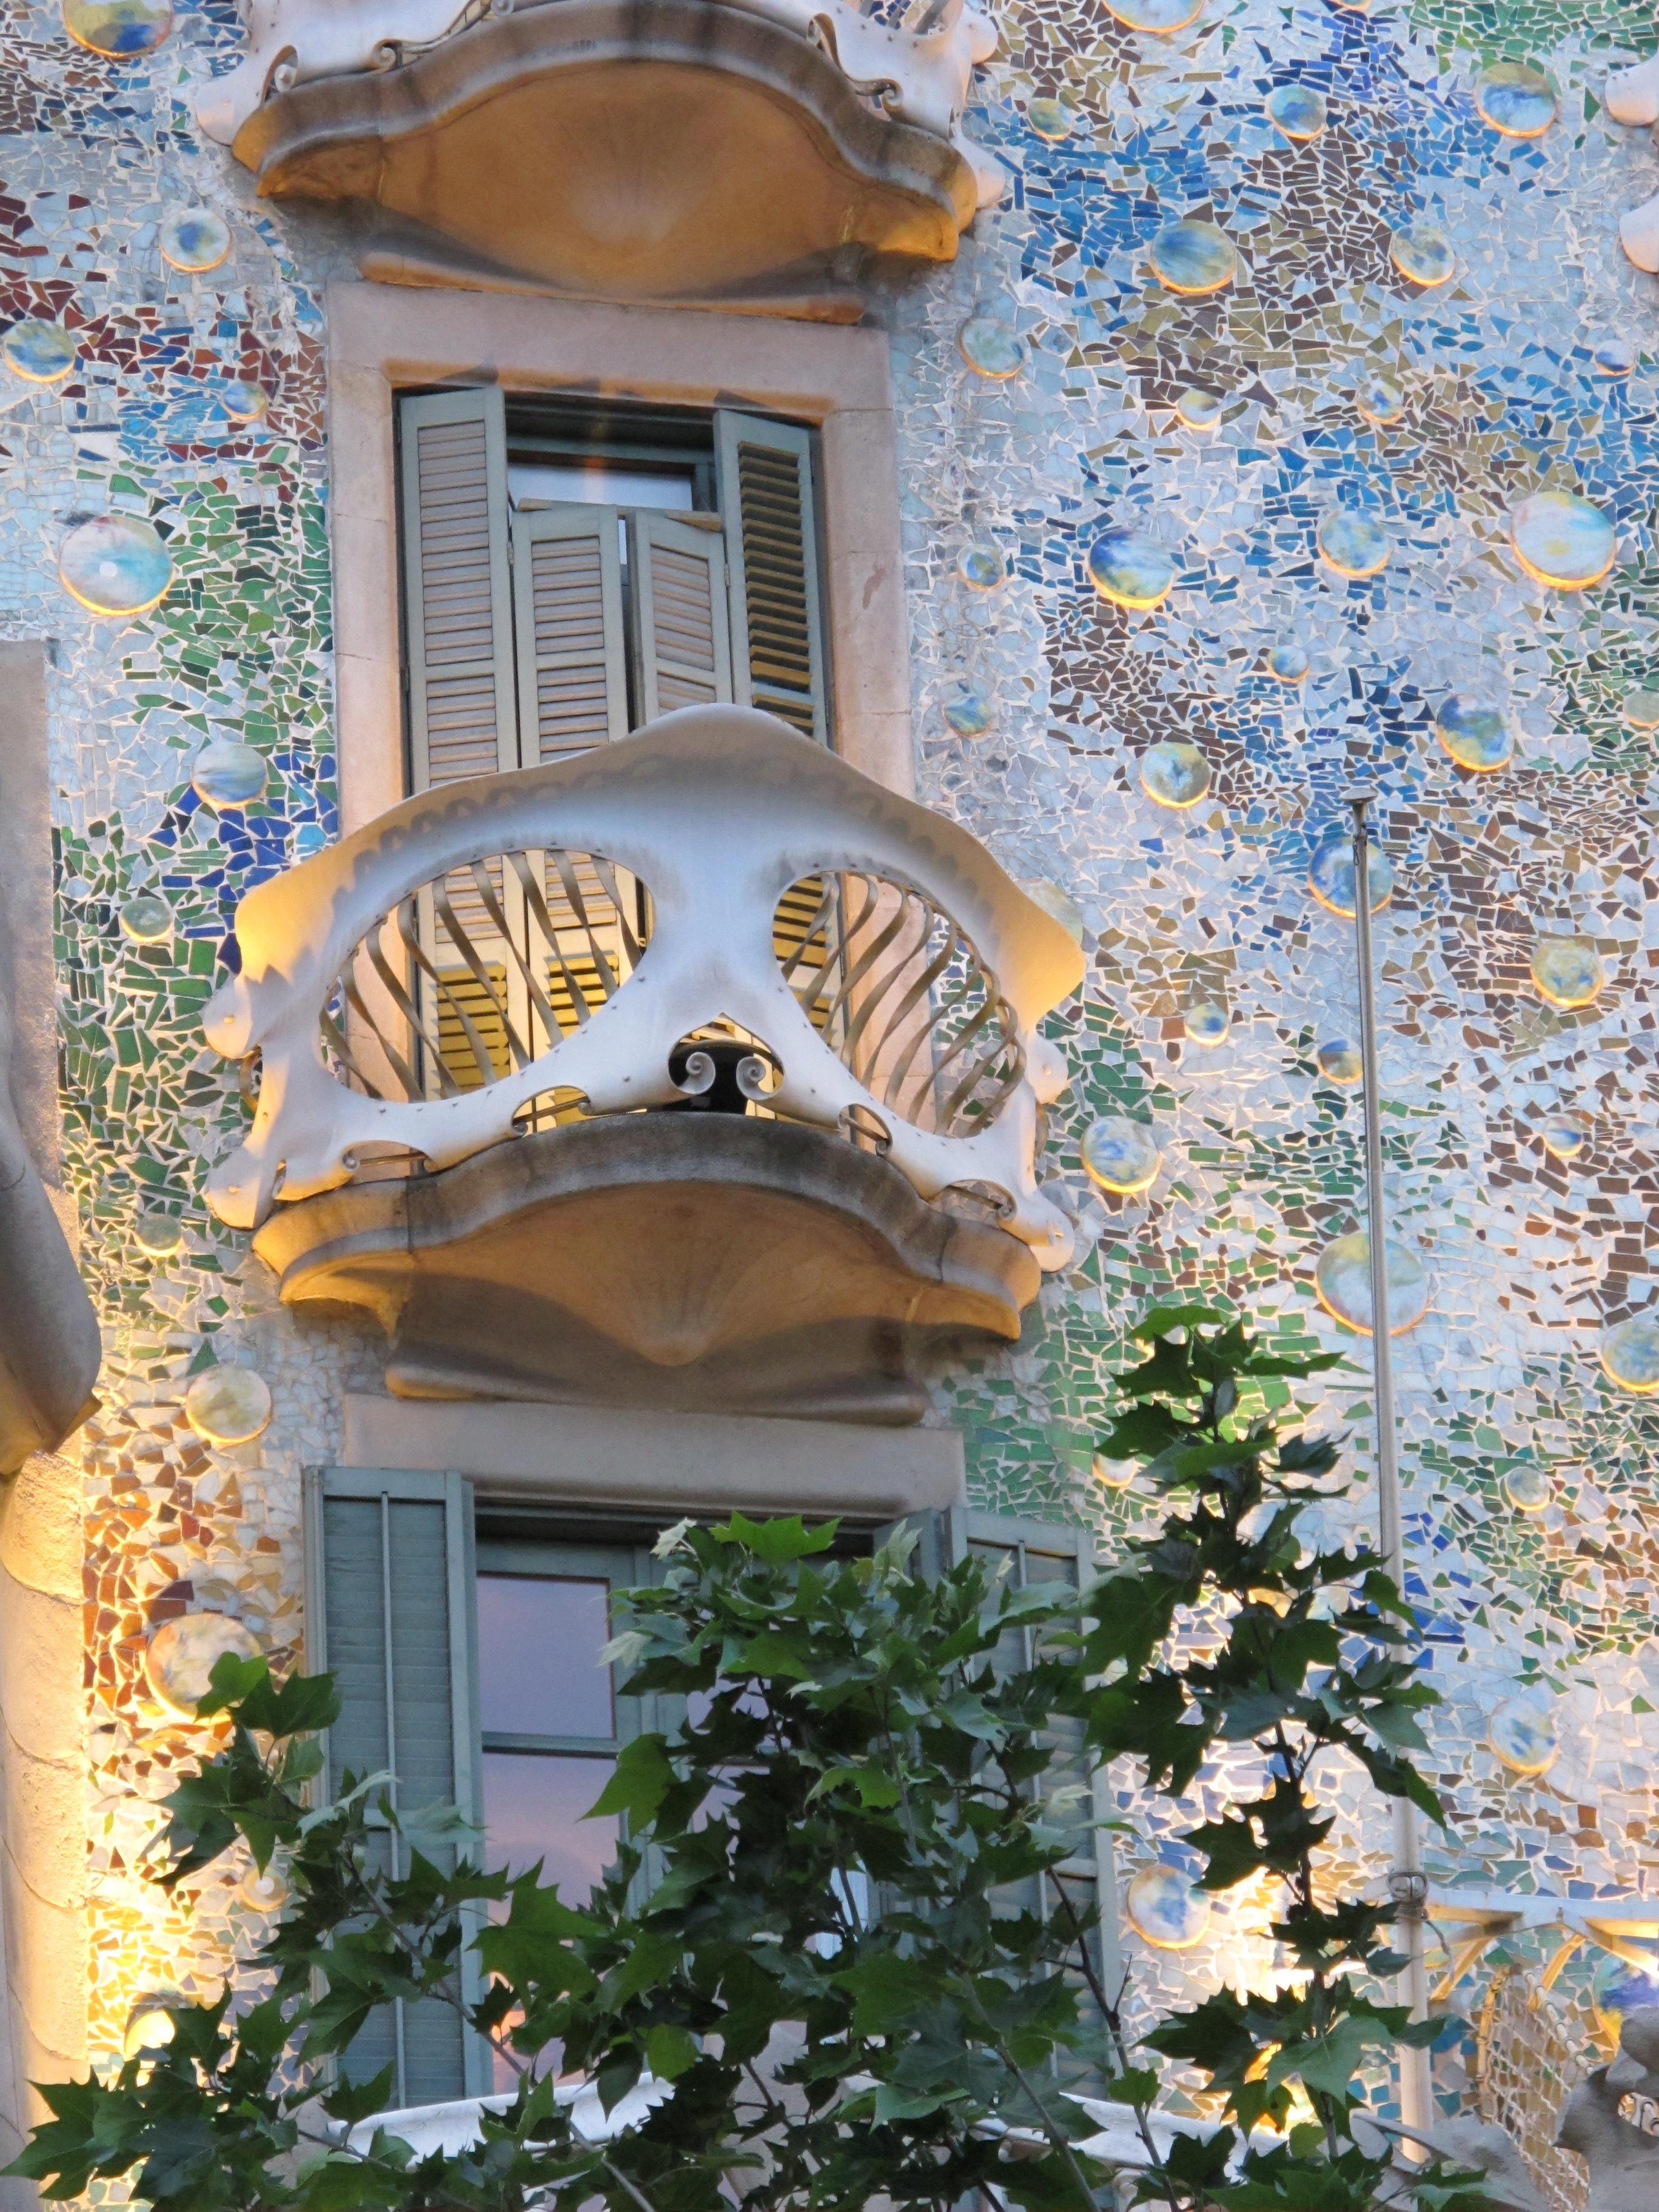 Fotos gratis : árbol, arquitectura, cubierta, palacio, casa, flor ...